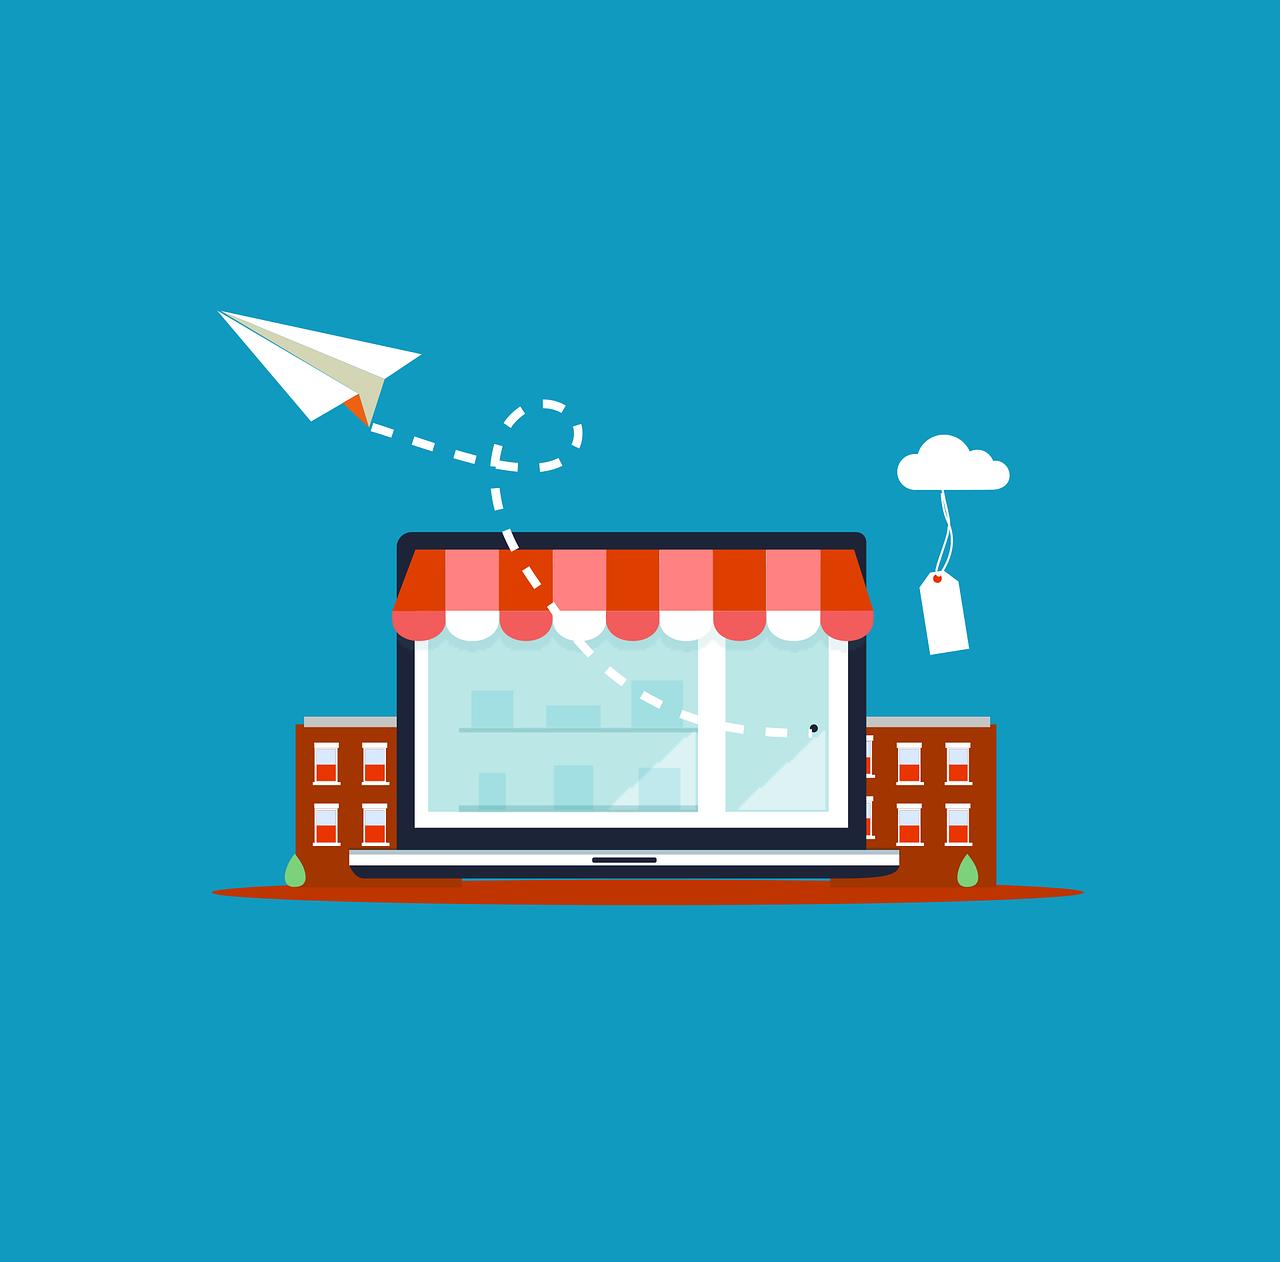 Achat et commerce en ligne, un mouvement de plus en plus explosif